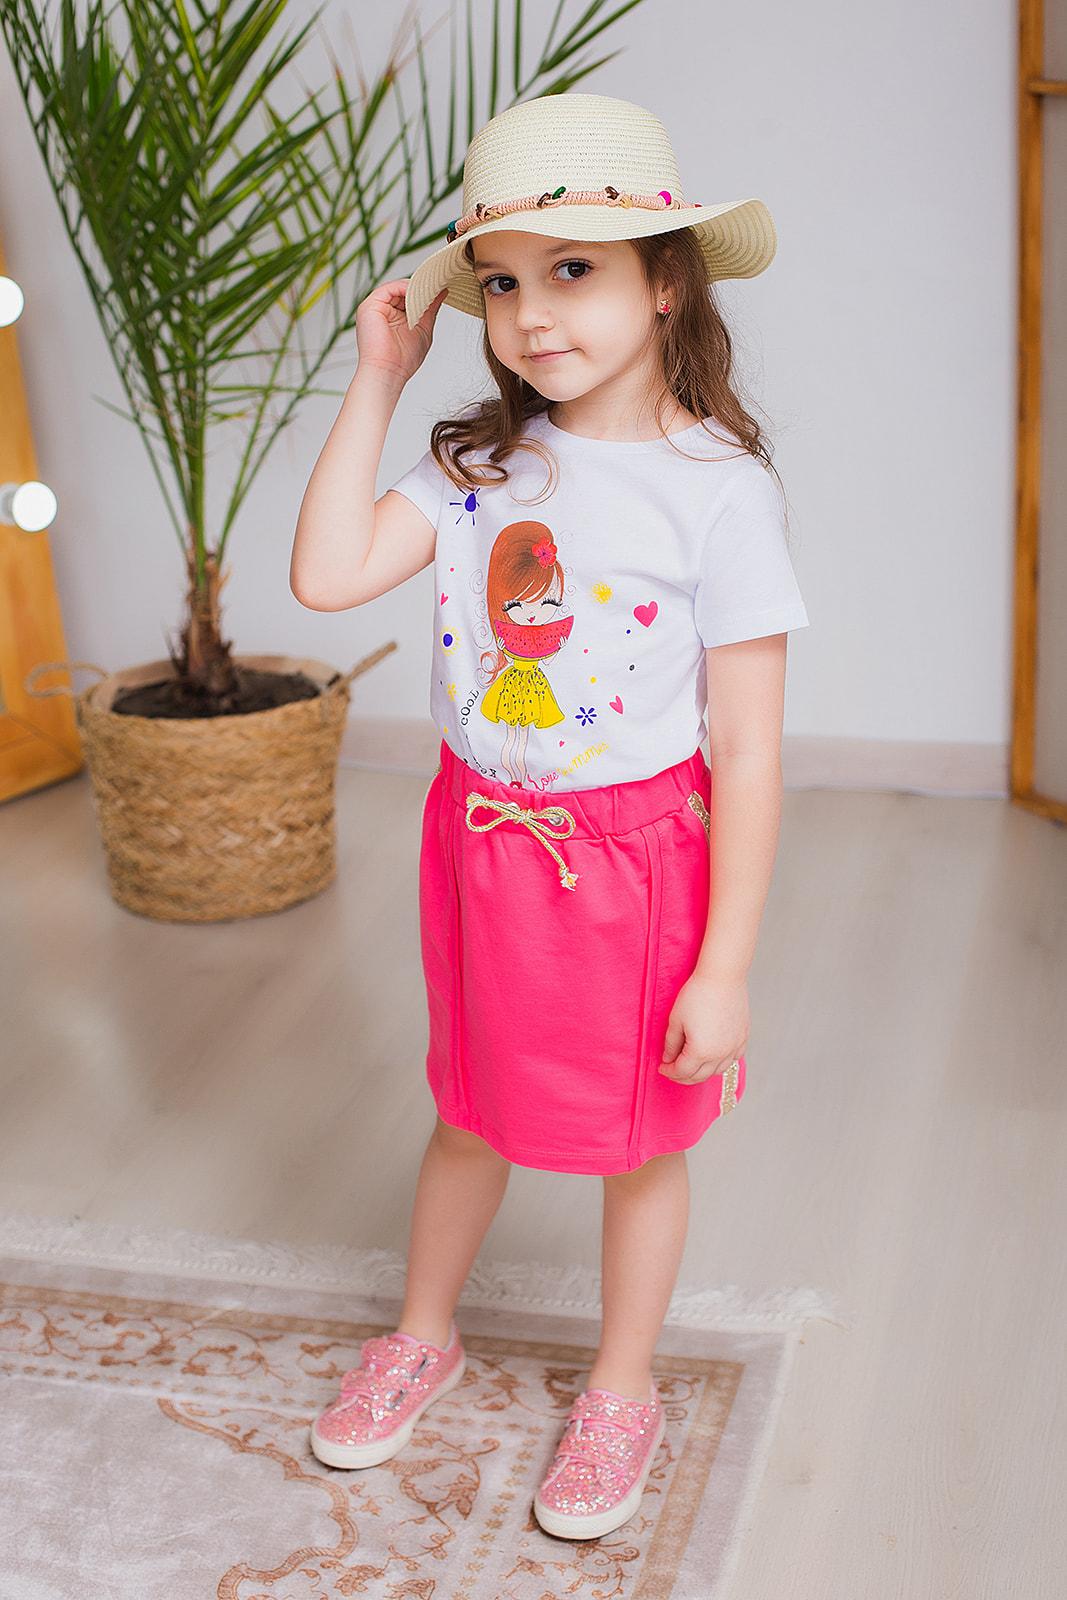 Одежда для девочек 2-5 лет - розовая юбка